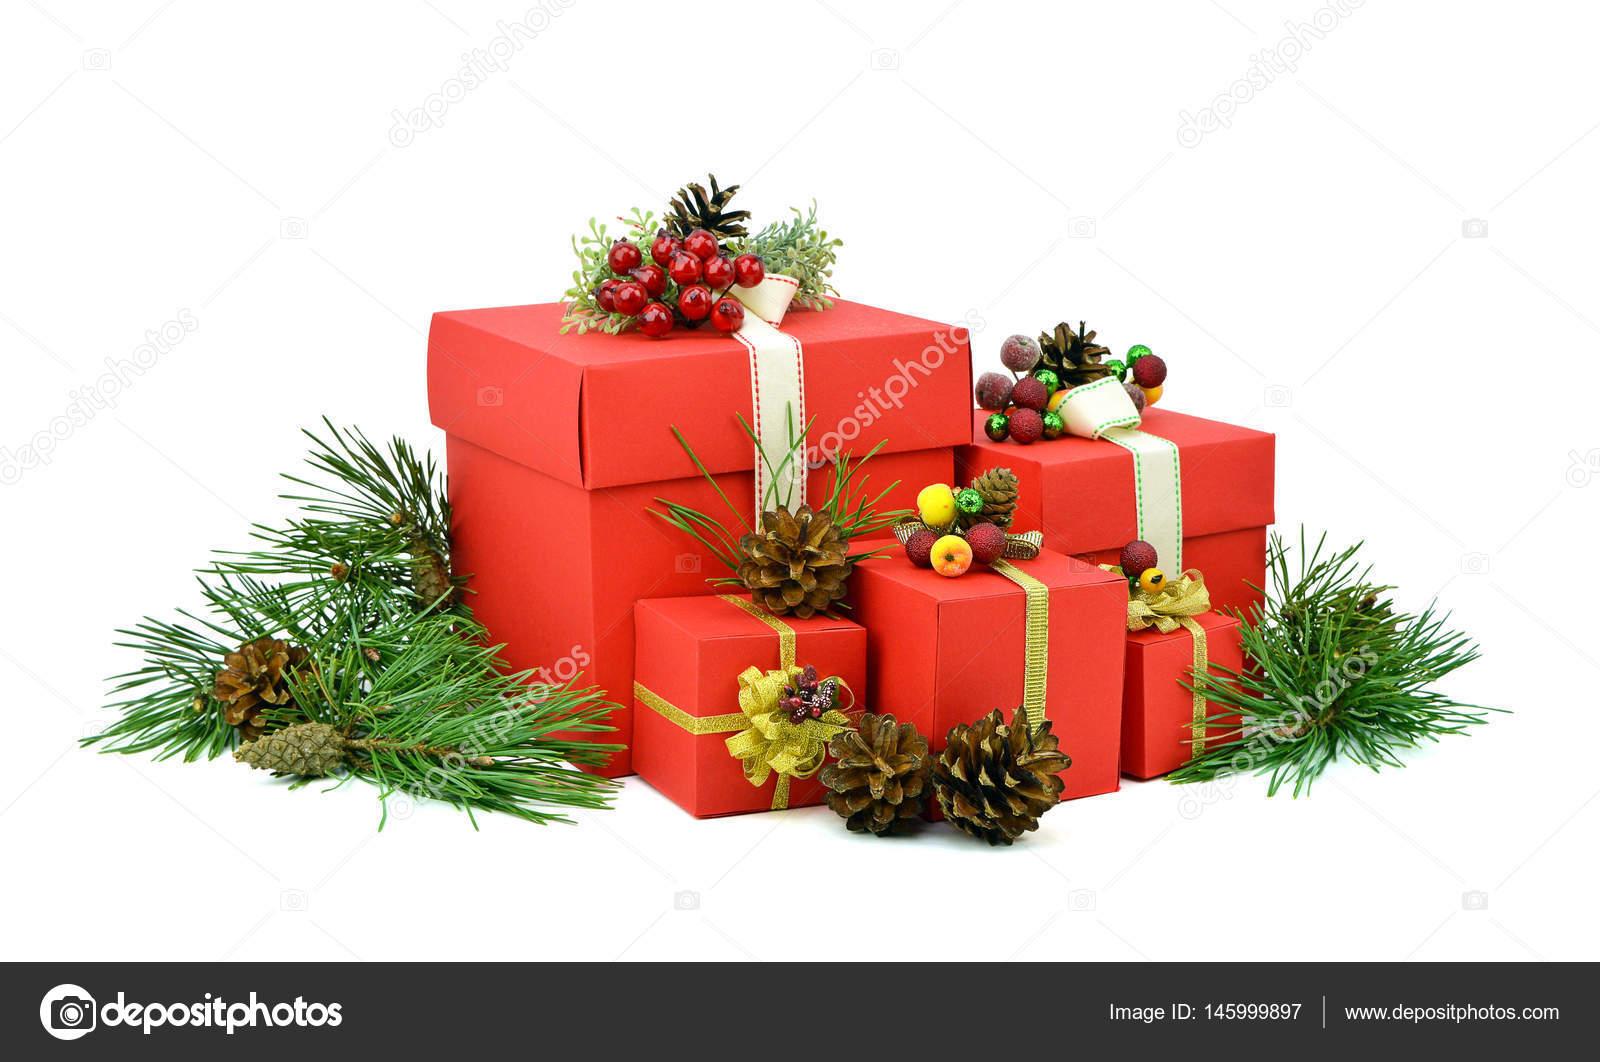 Weihnachtsgeschenke im roten Kästchen. Tannenzweigen mit Kegeln ...